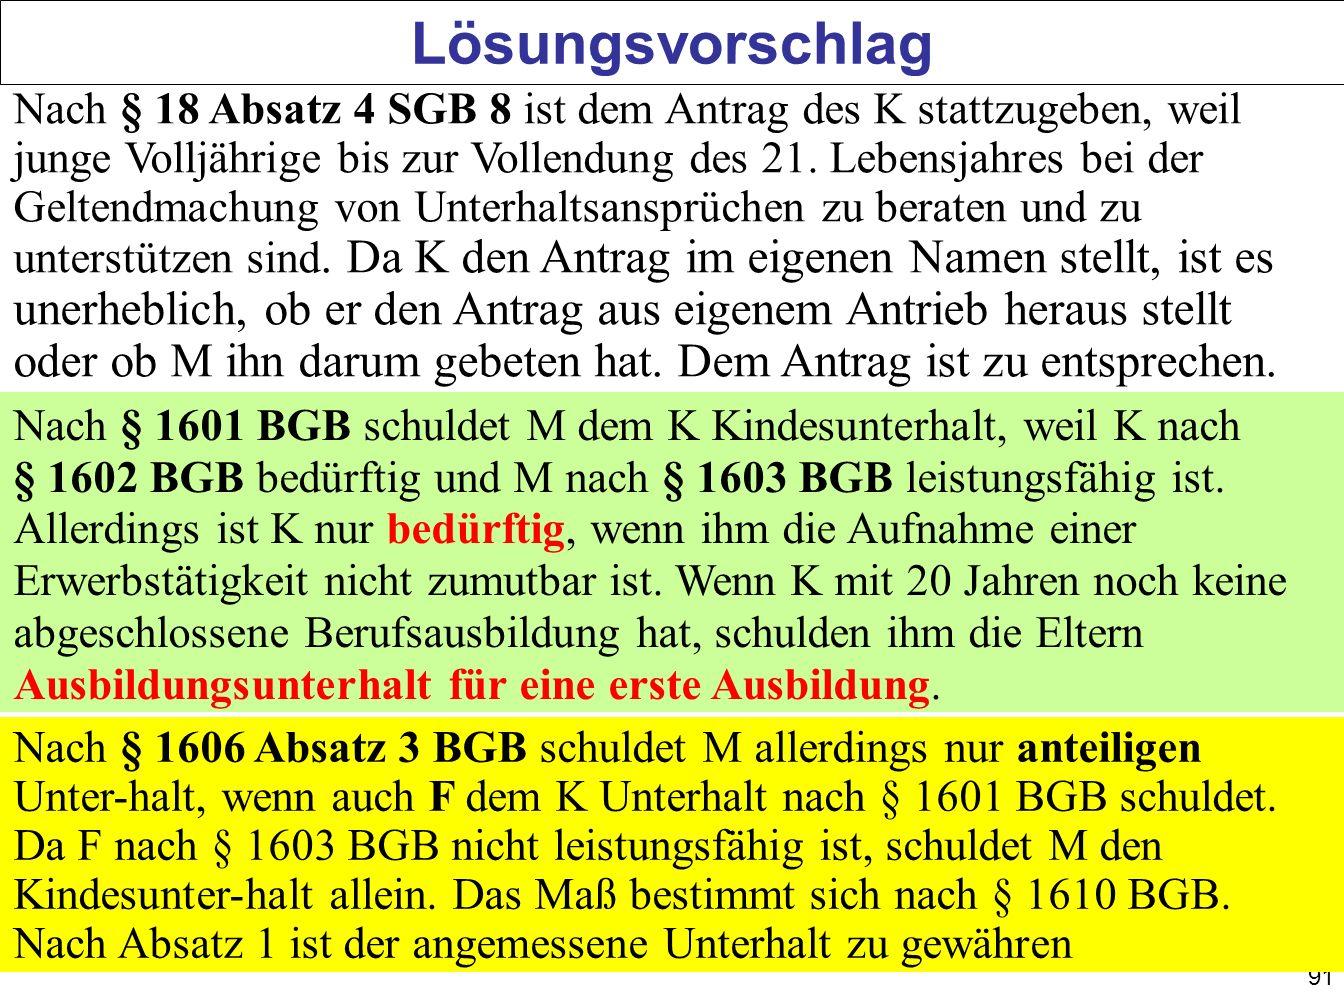 91 Lösungsvorschlag Nach § 18 Absatz 4 SGB 8 ist dem Antrag des K stattzugeben, weil junge Volljährige bis zur Vollendung des 21. Lebensjahres bei der